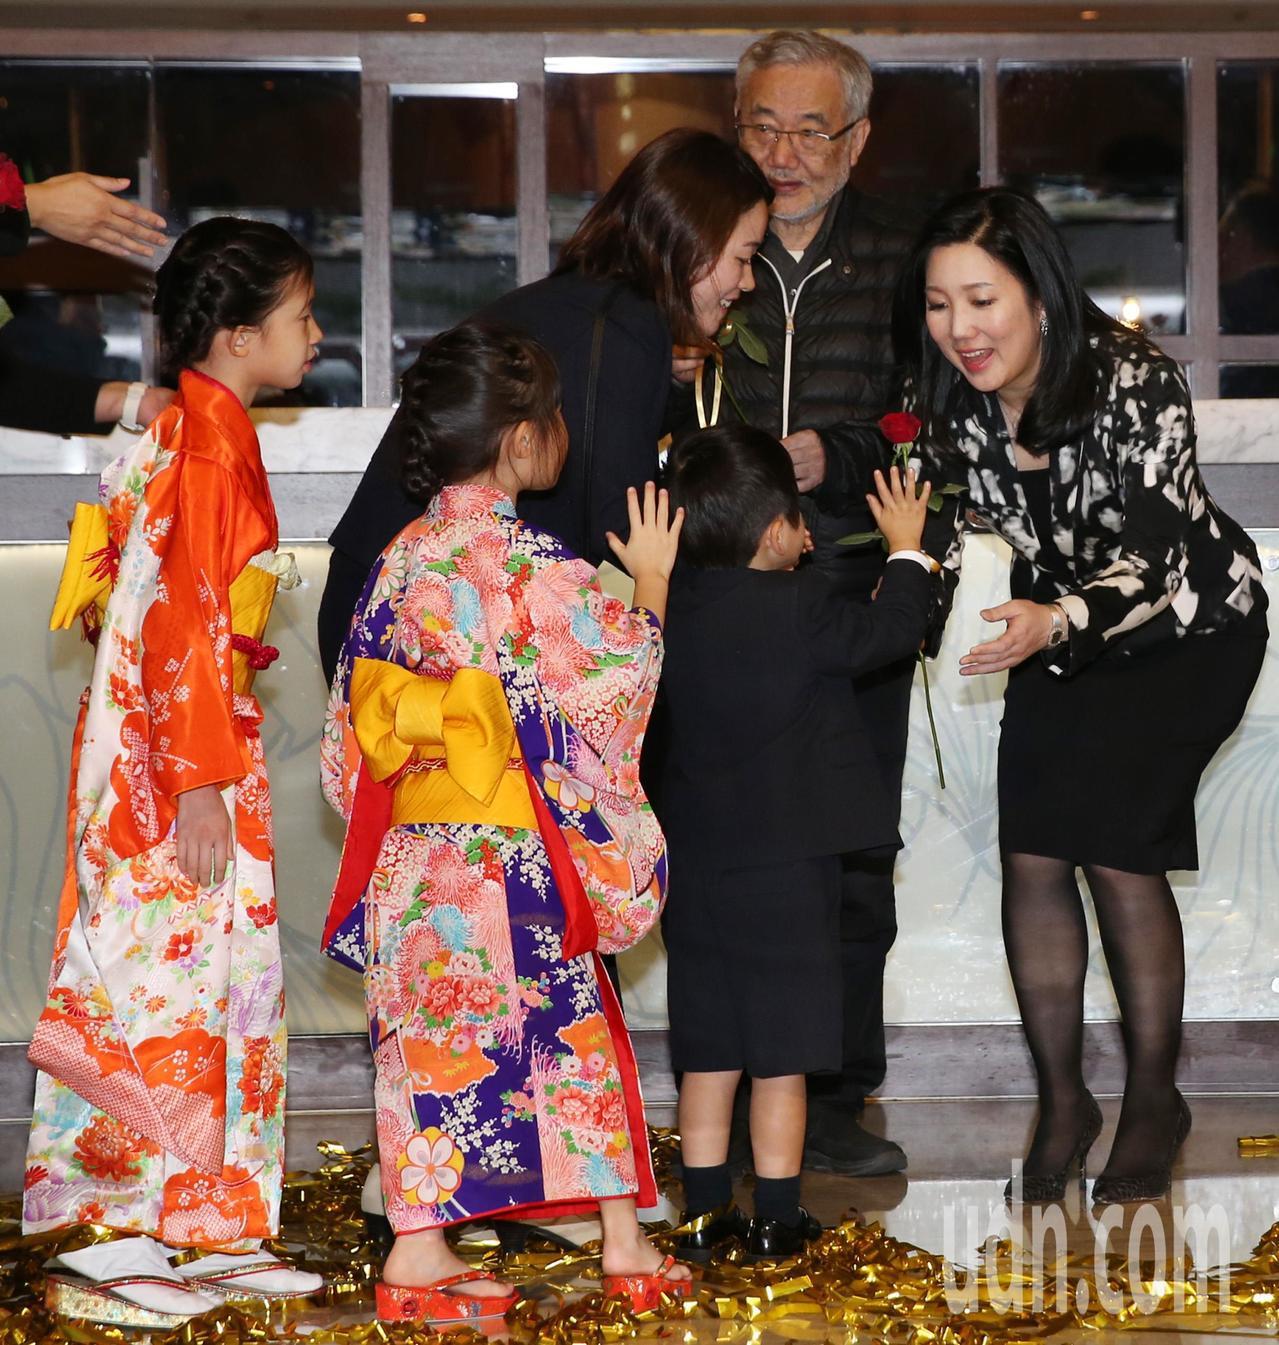 日本顧客將玫瑰花獻給六福旅遊集團董事長莊豐如。記者侯永全/攝影